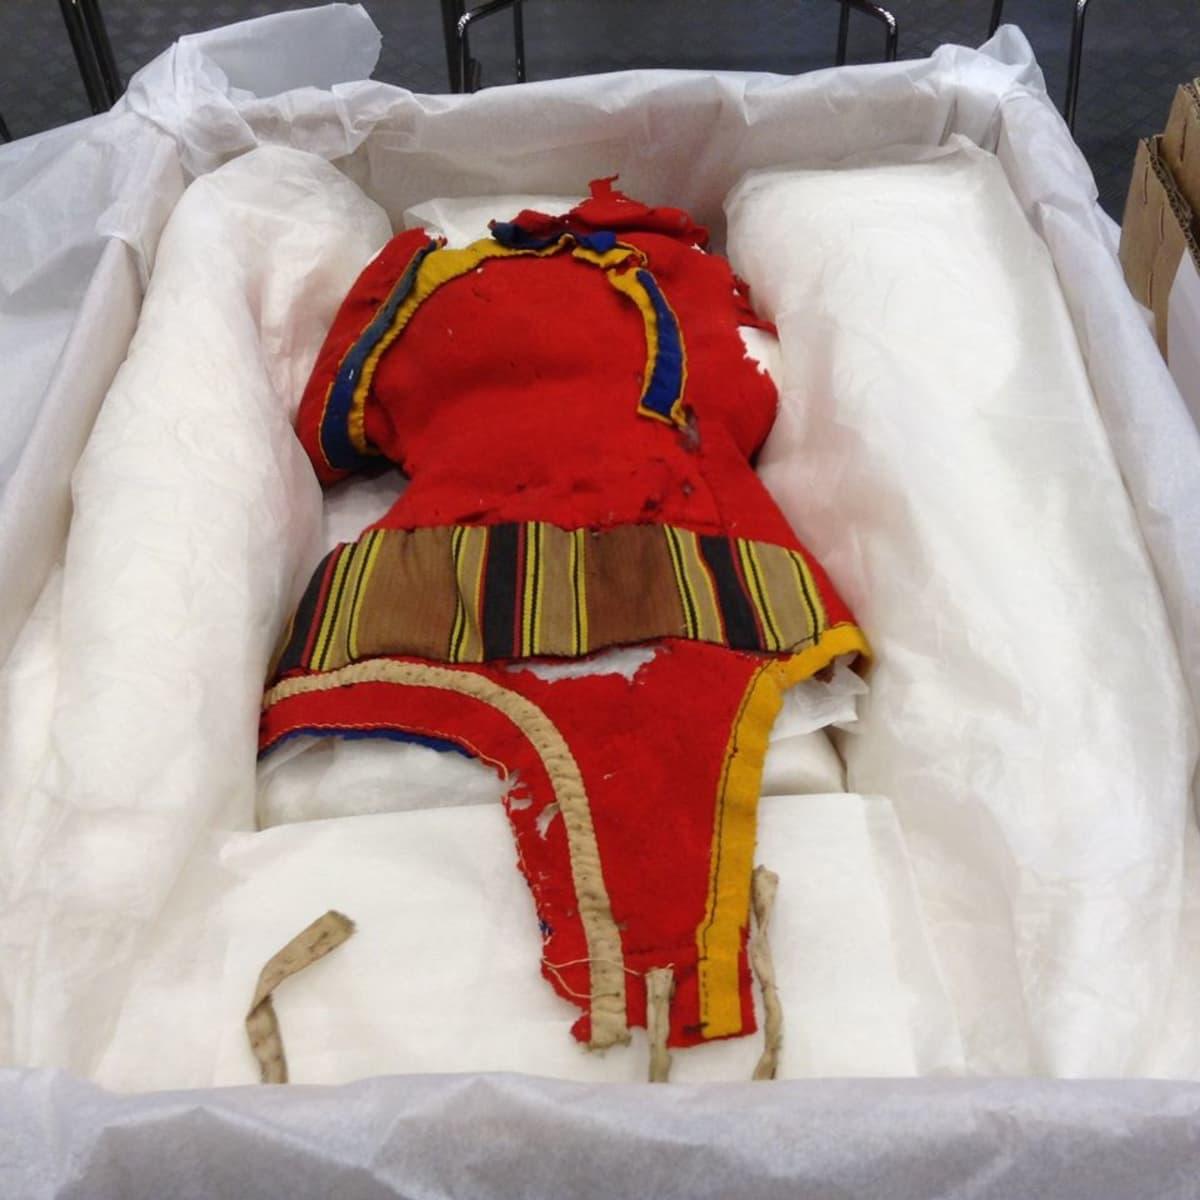 Sarvilakki, Vapriikin saamelaiskokoelmasta,joka lahjoitettiin 29.4.2015 saamelaismuseo Siidaan